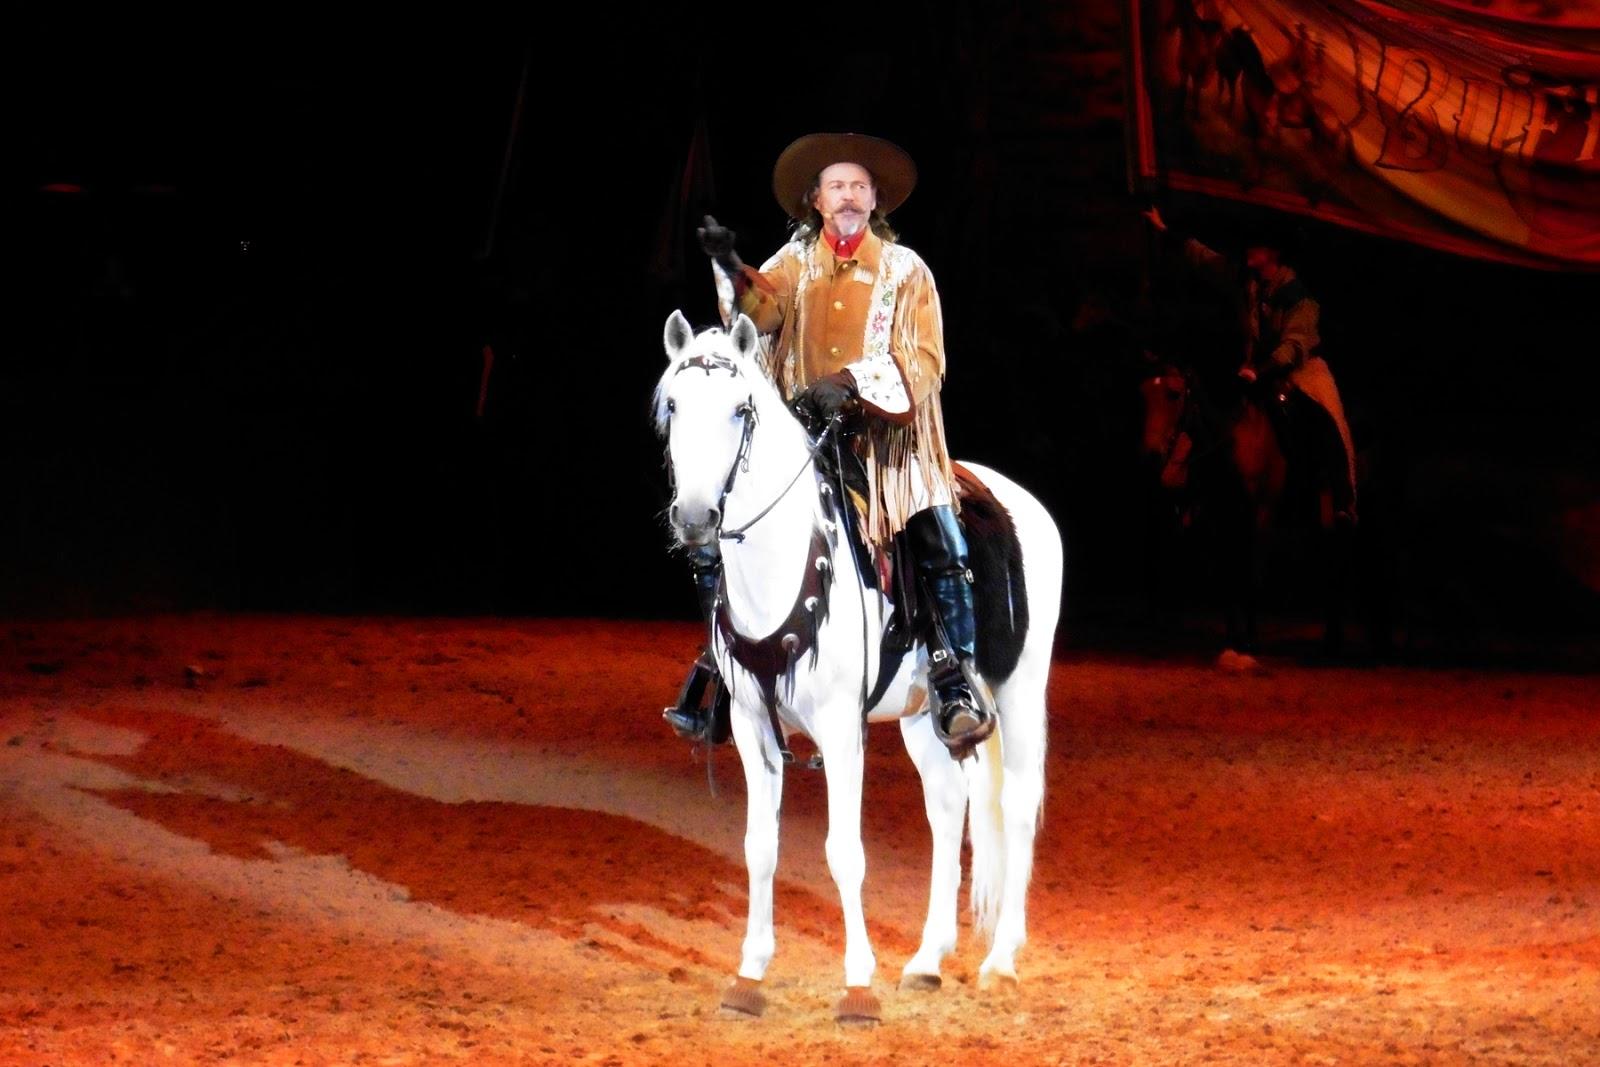 Buffalo Bill's Wild West Show at Disneyland Paris' Disney Village